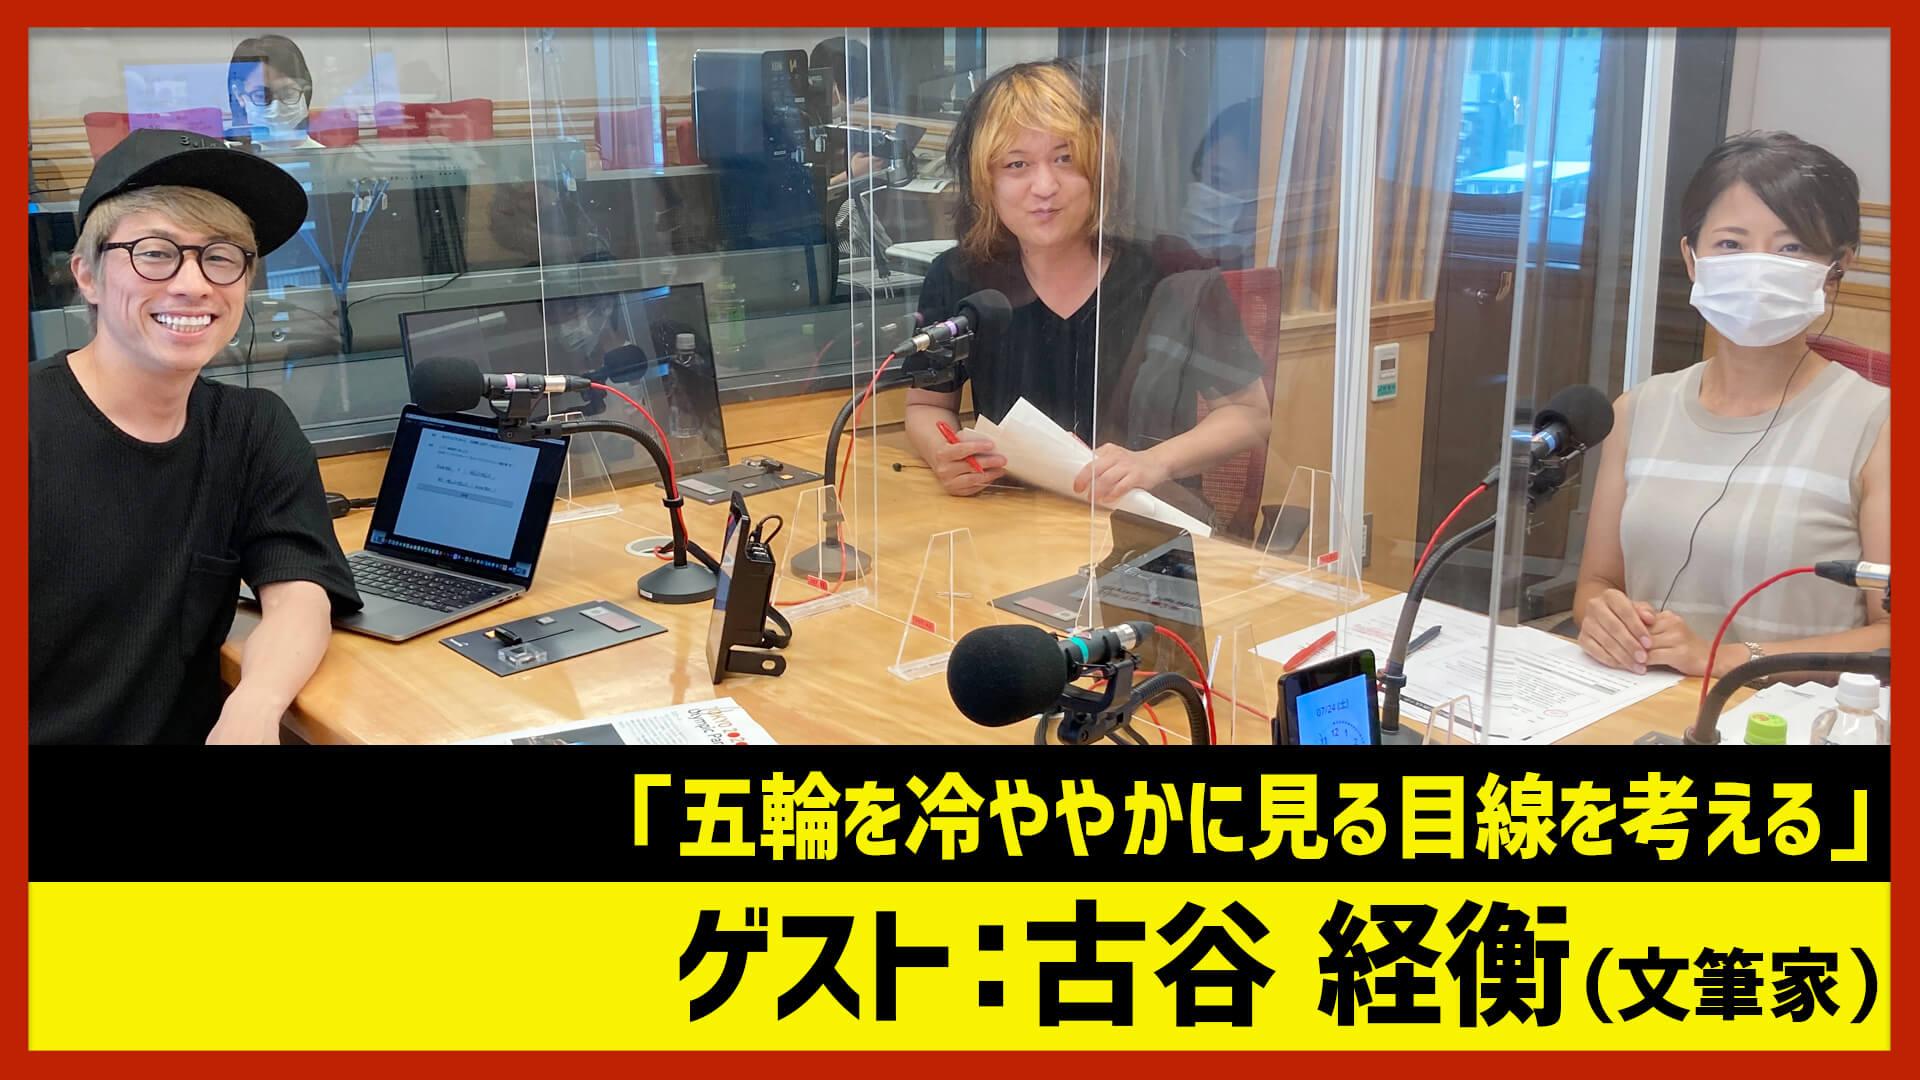 【田村淳のNewsCLUB】ゲスト: 古谷経衡さん(2021年7月24日前半)